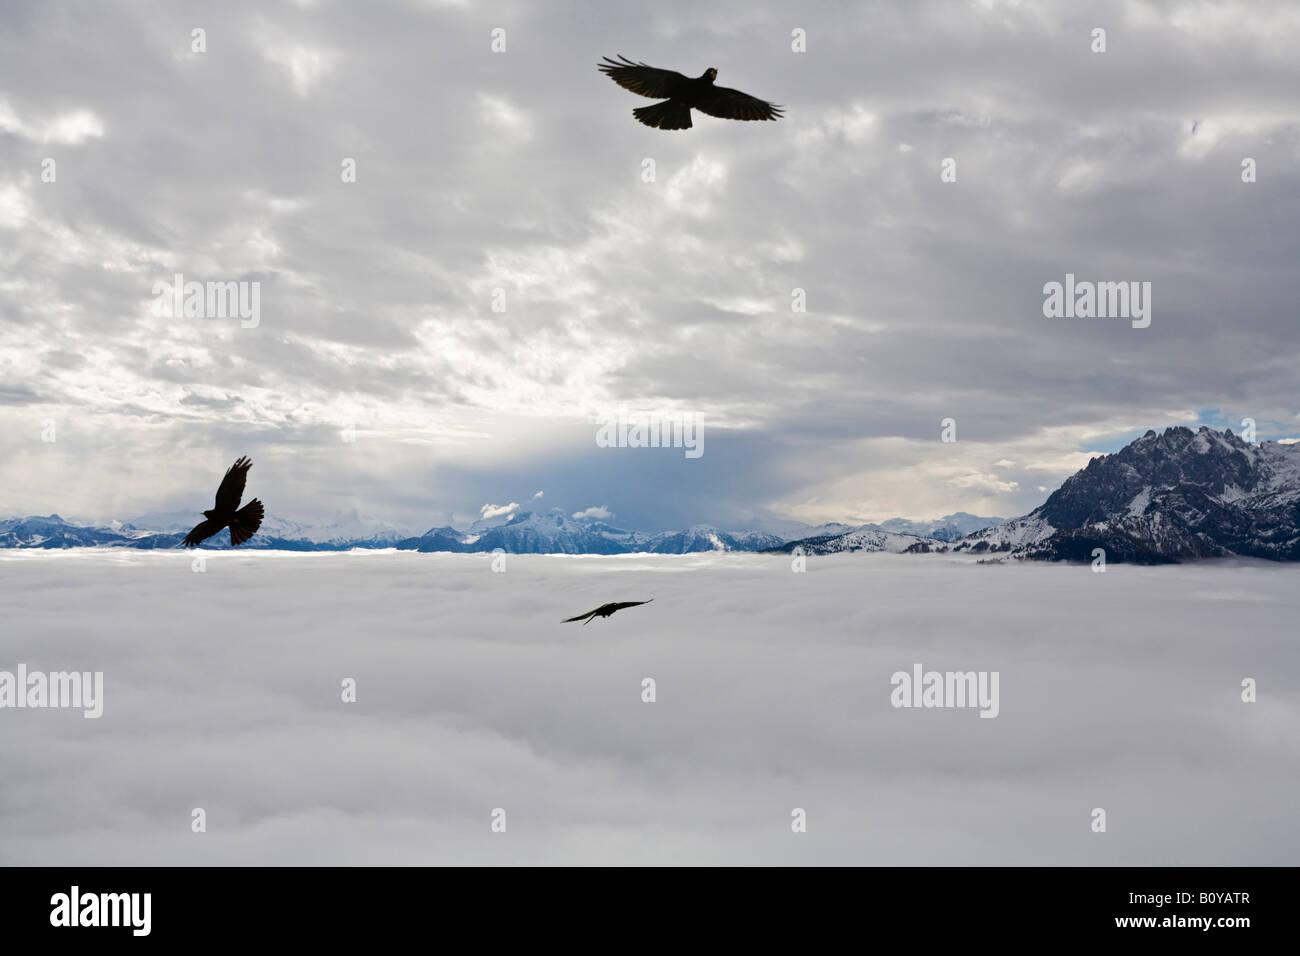 Austria, Werfen, Eisriesenwelt, Eagles in flight - Stock Image